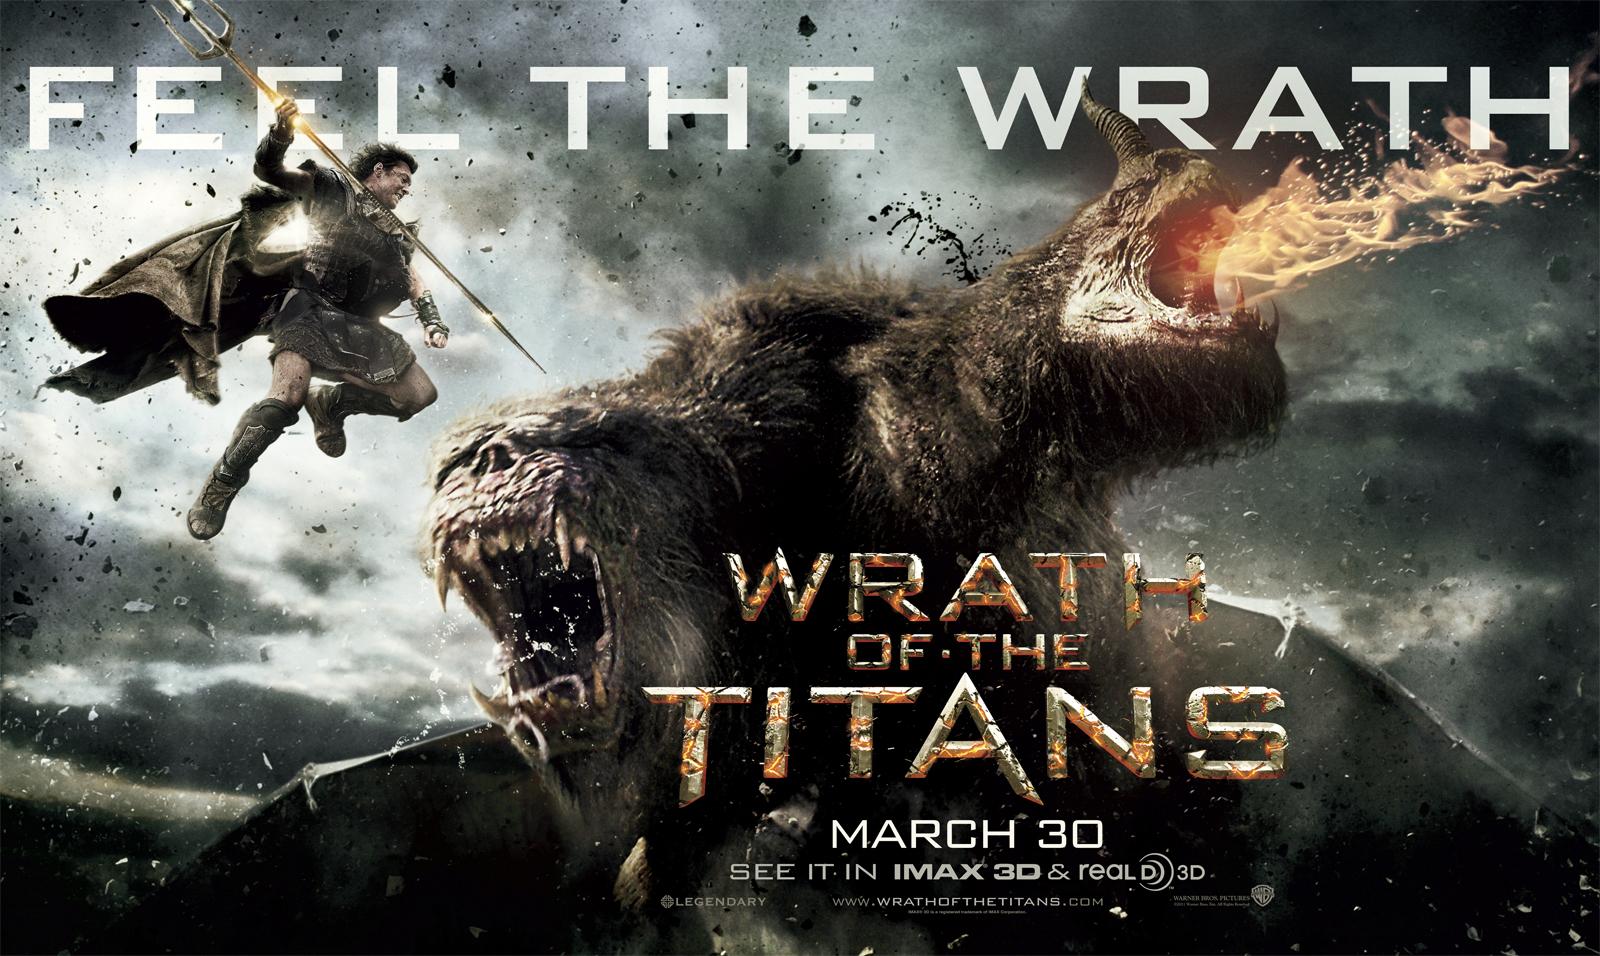 http://4.bp.blogspot.com/-iwzSCa7JE34/UOm06pbQ1QI/AAAAAAAAGCQ/i8gw3zQ8Q2U/s1600/wrath-of-the-titans-banner-poster-1.jpg